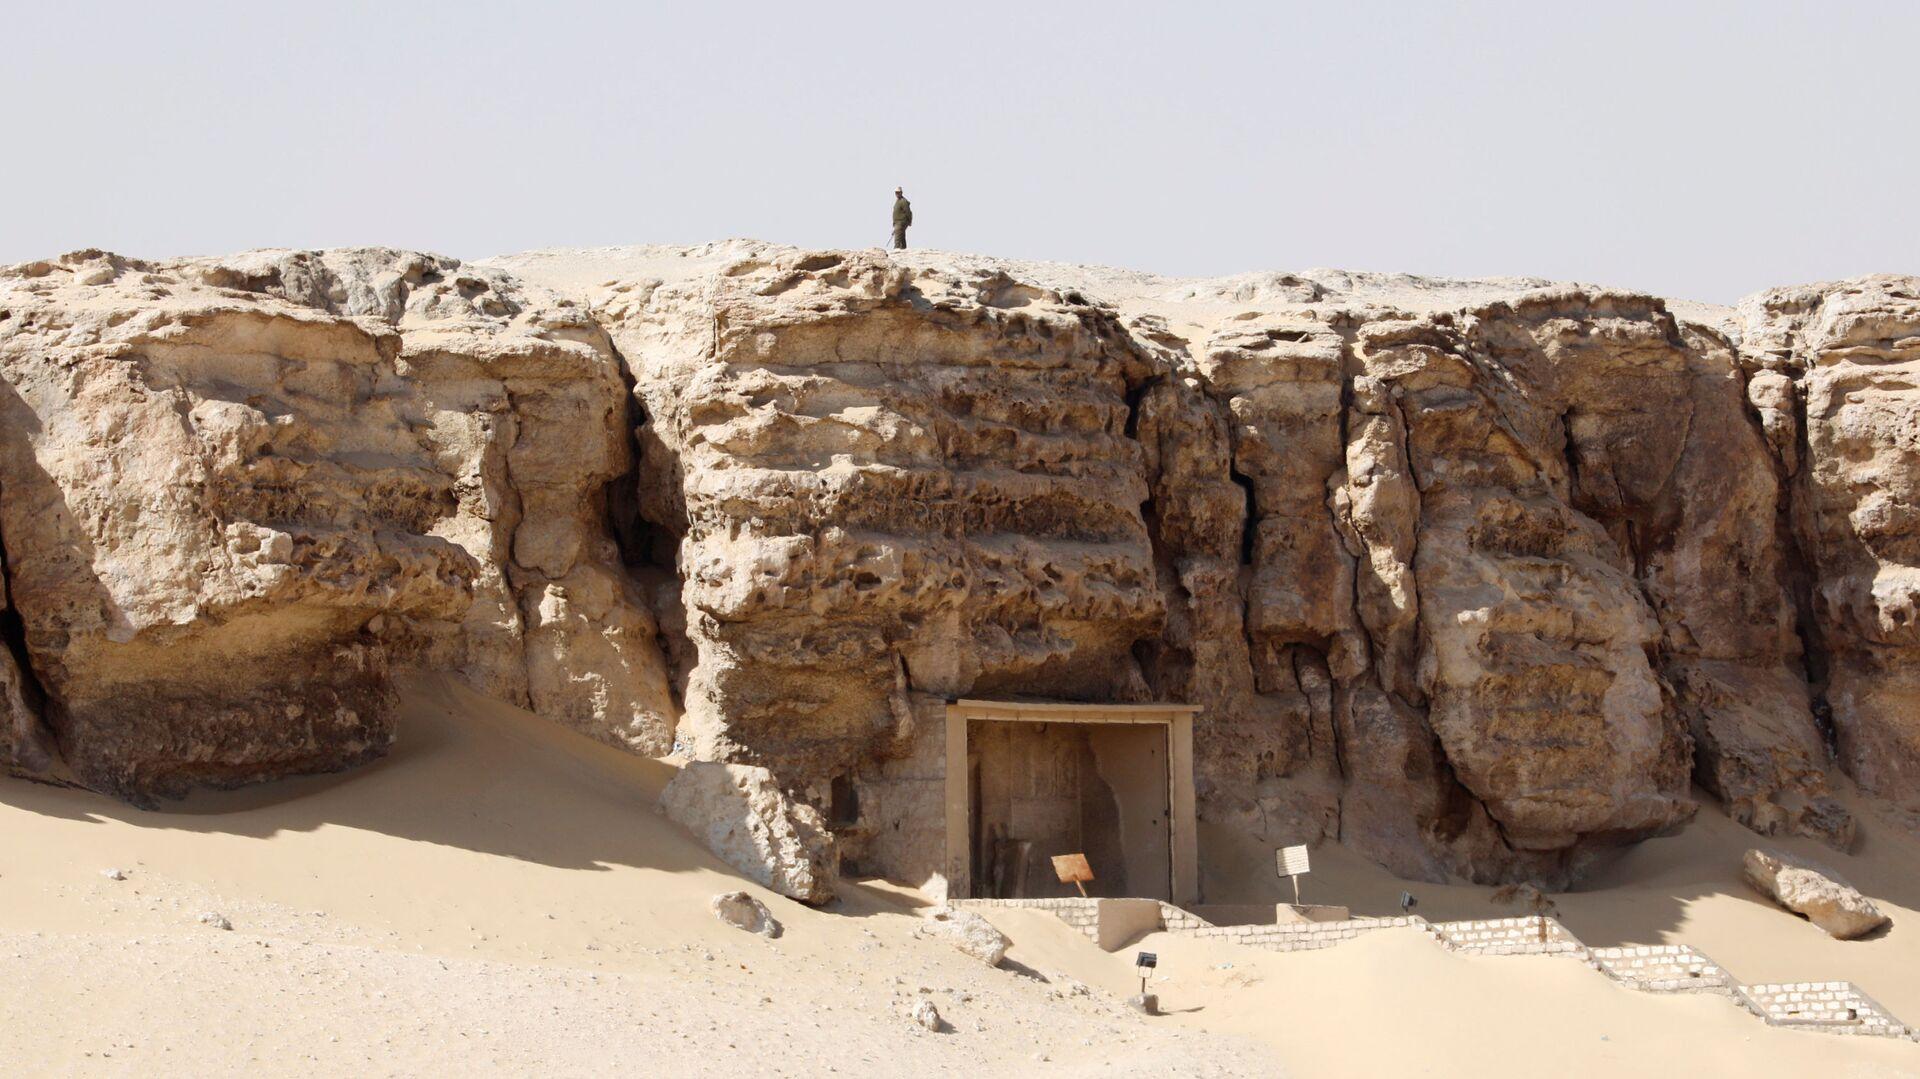 Antico cimitero rinvenuto dagli archeologi nalla zona vicino alla necropoli di Tuna el-Gebel, Egitto - Sputnik Italia, 1920, 22.05.2021